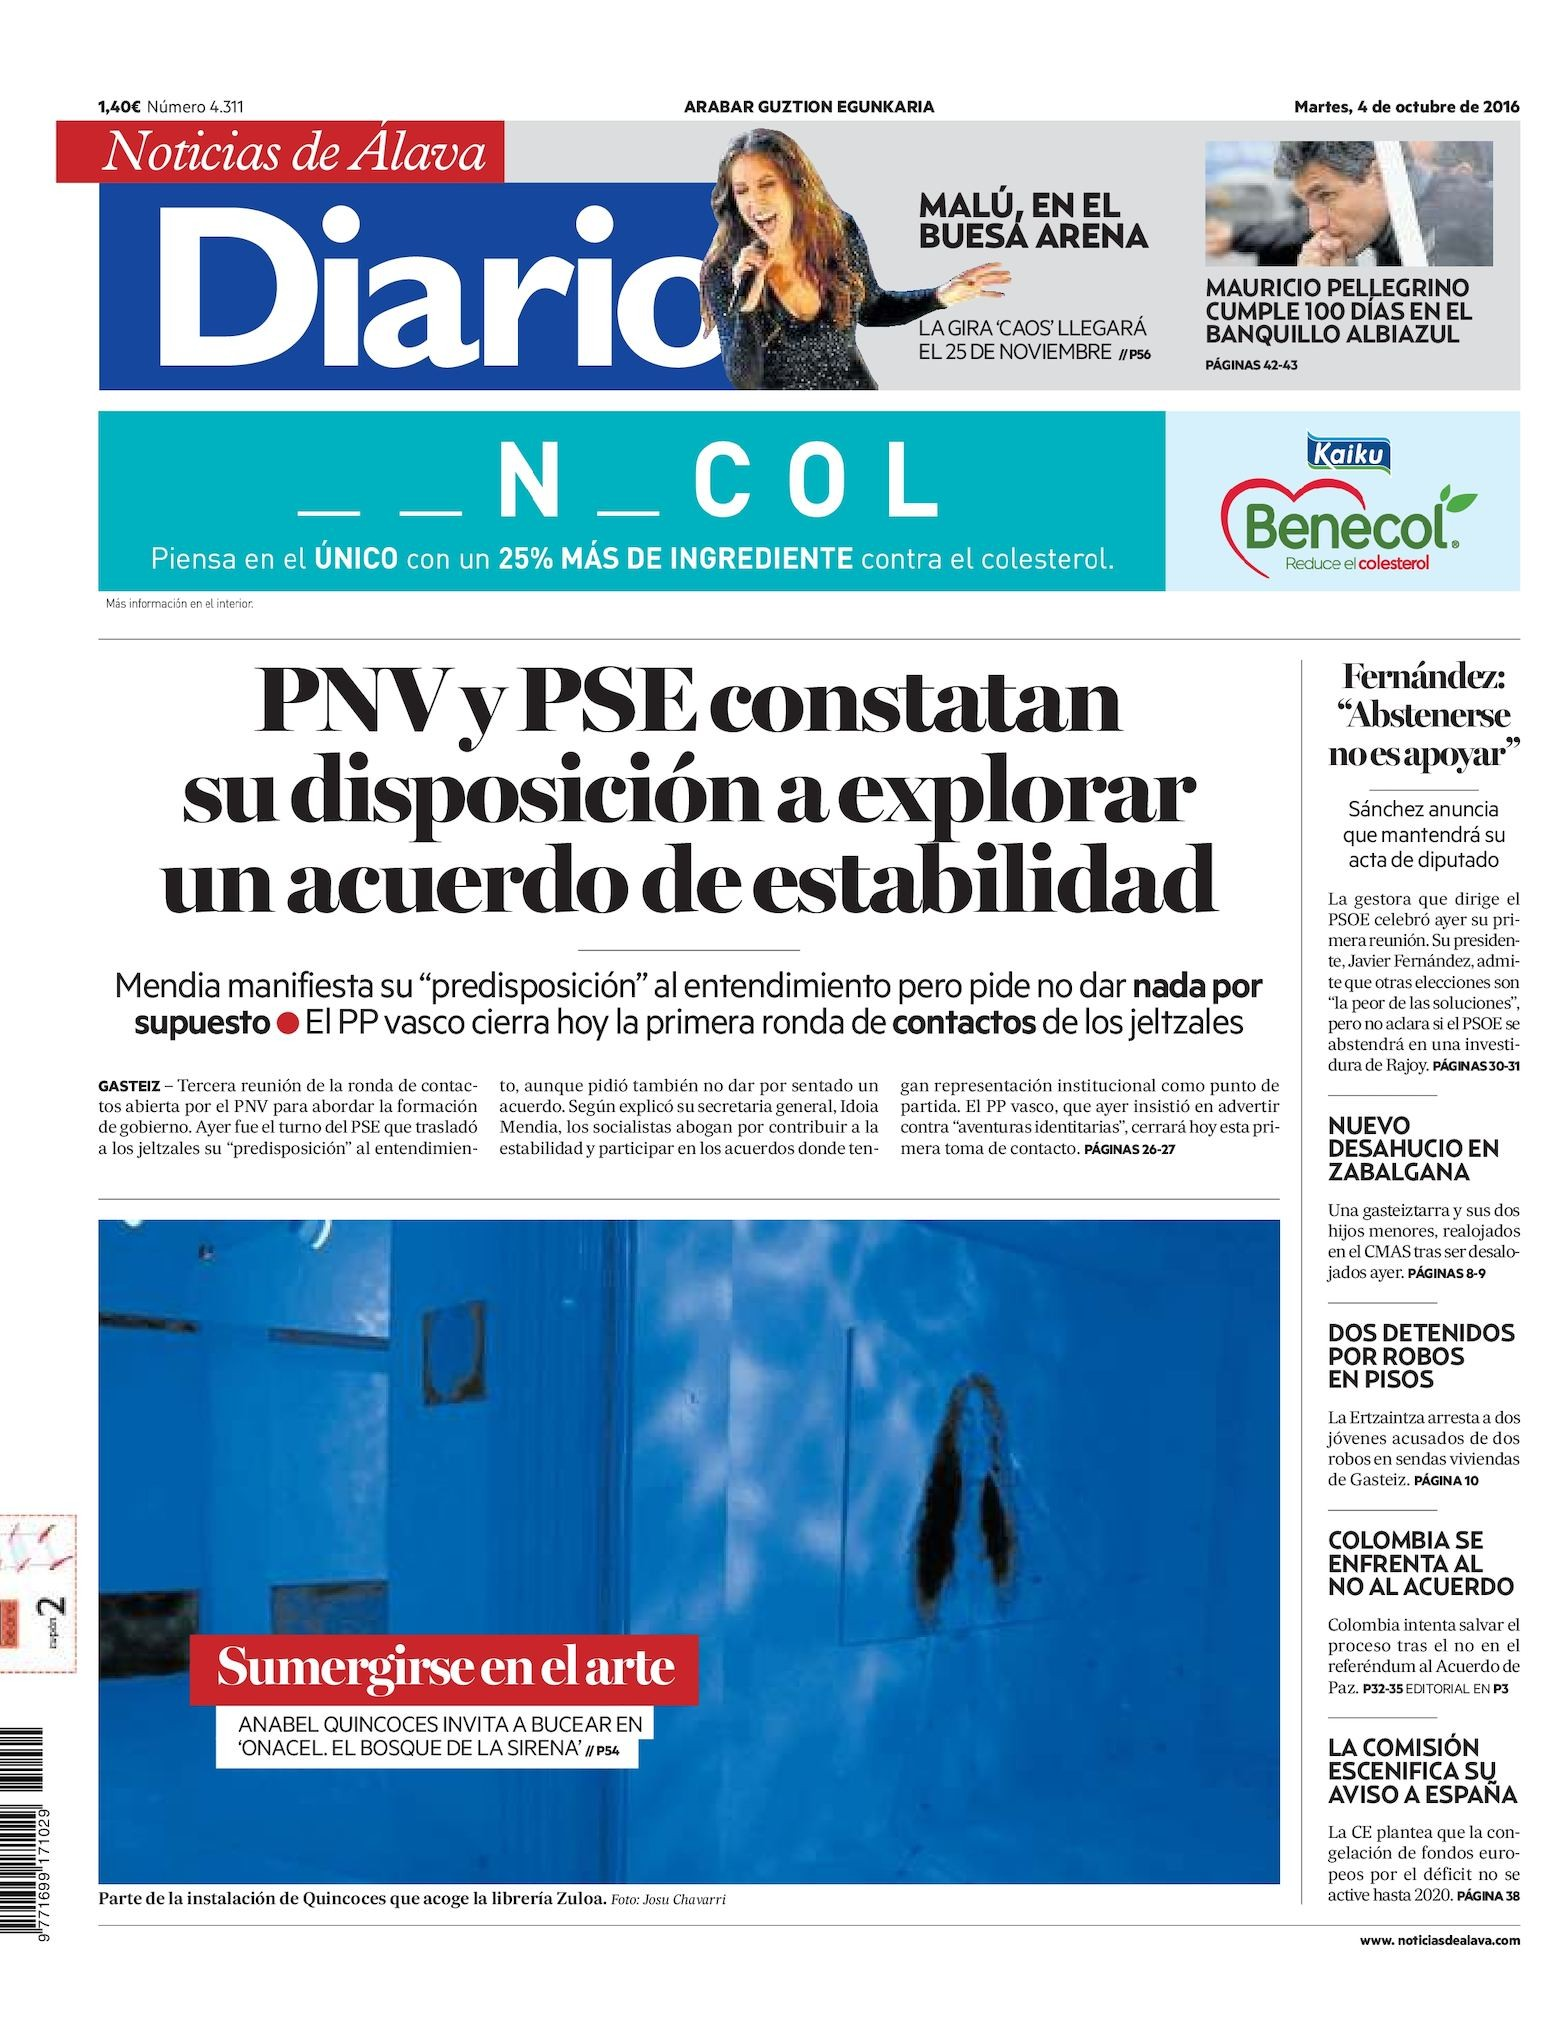 Calendario Escolar 2019 Tenerife Más Caliente Calaméo Diario De Noticias De lava Of Calendario Escolar 2019 Tenerife Más Caliente Calaméo Deia